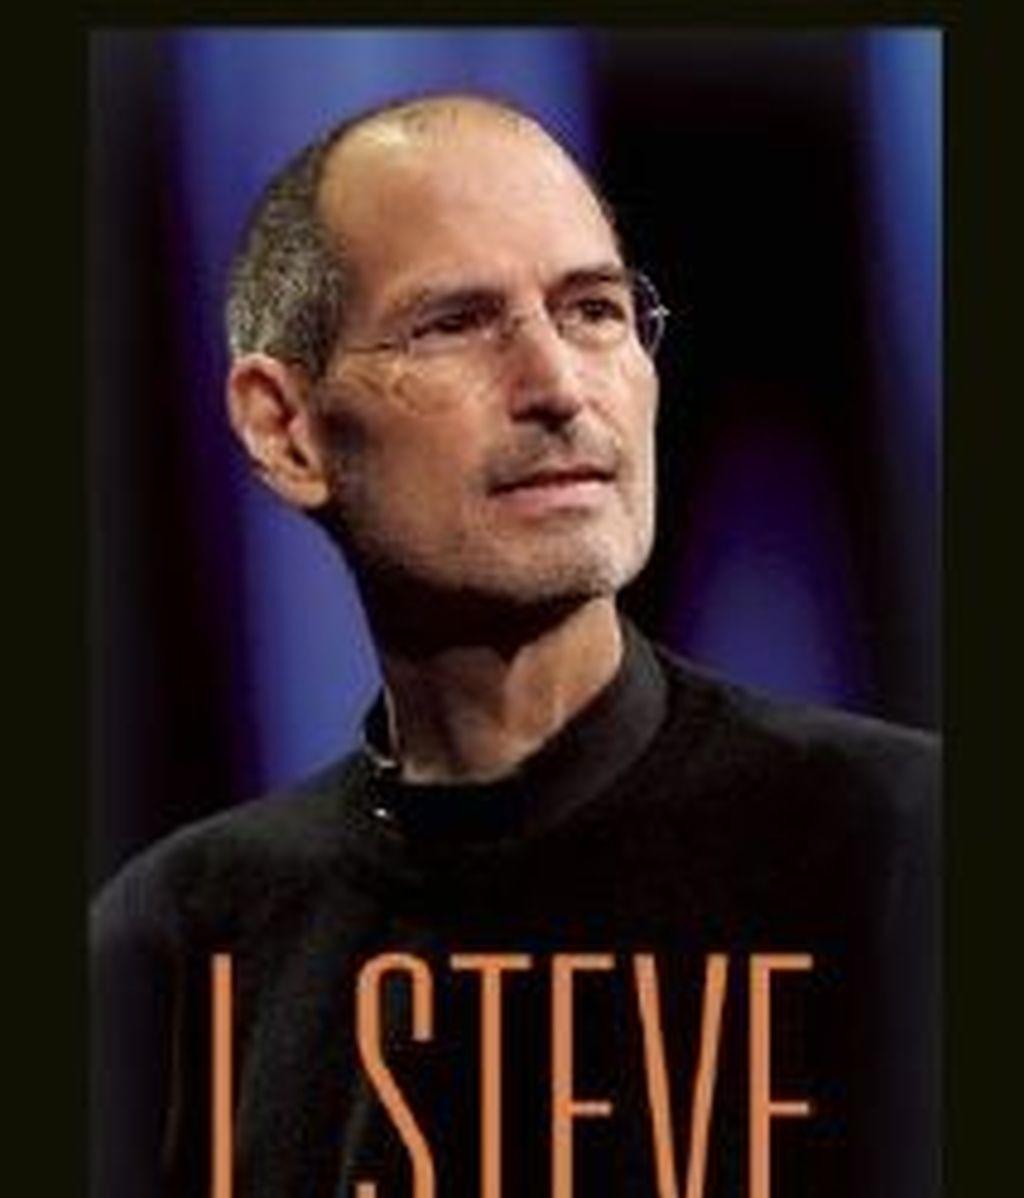 Portada del libro biográfico de Steve Jobs que ya está a la venta desde este lunes aunque solo en inglés.